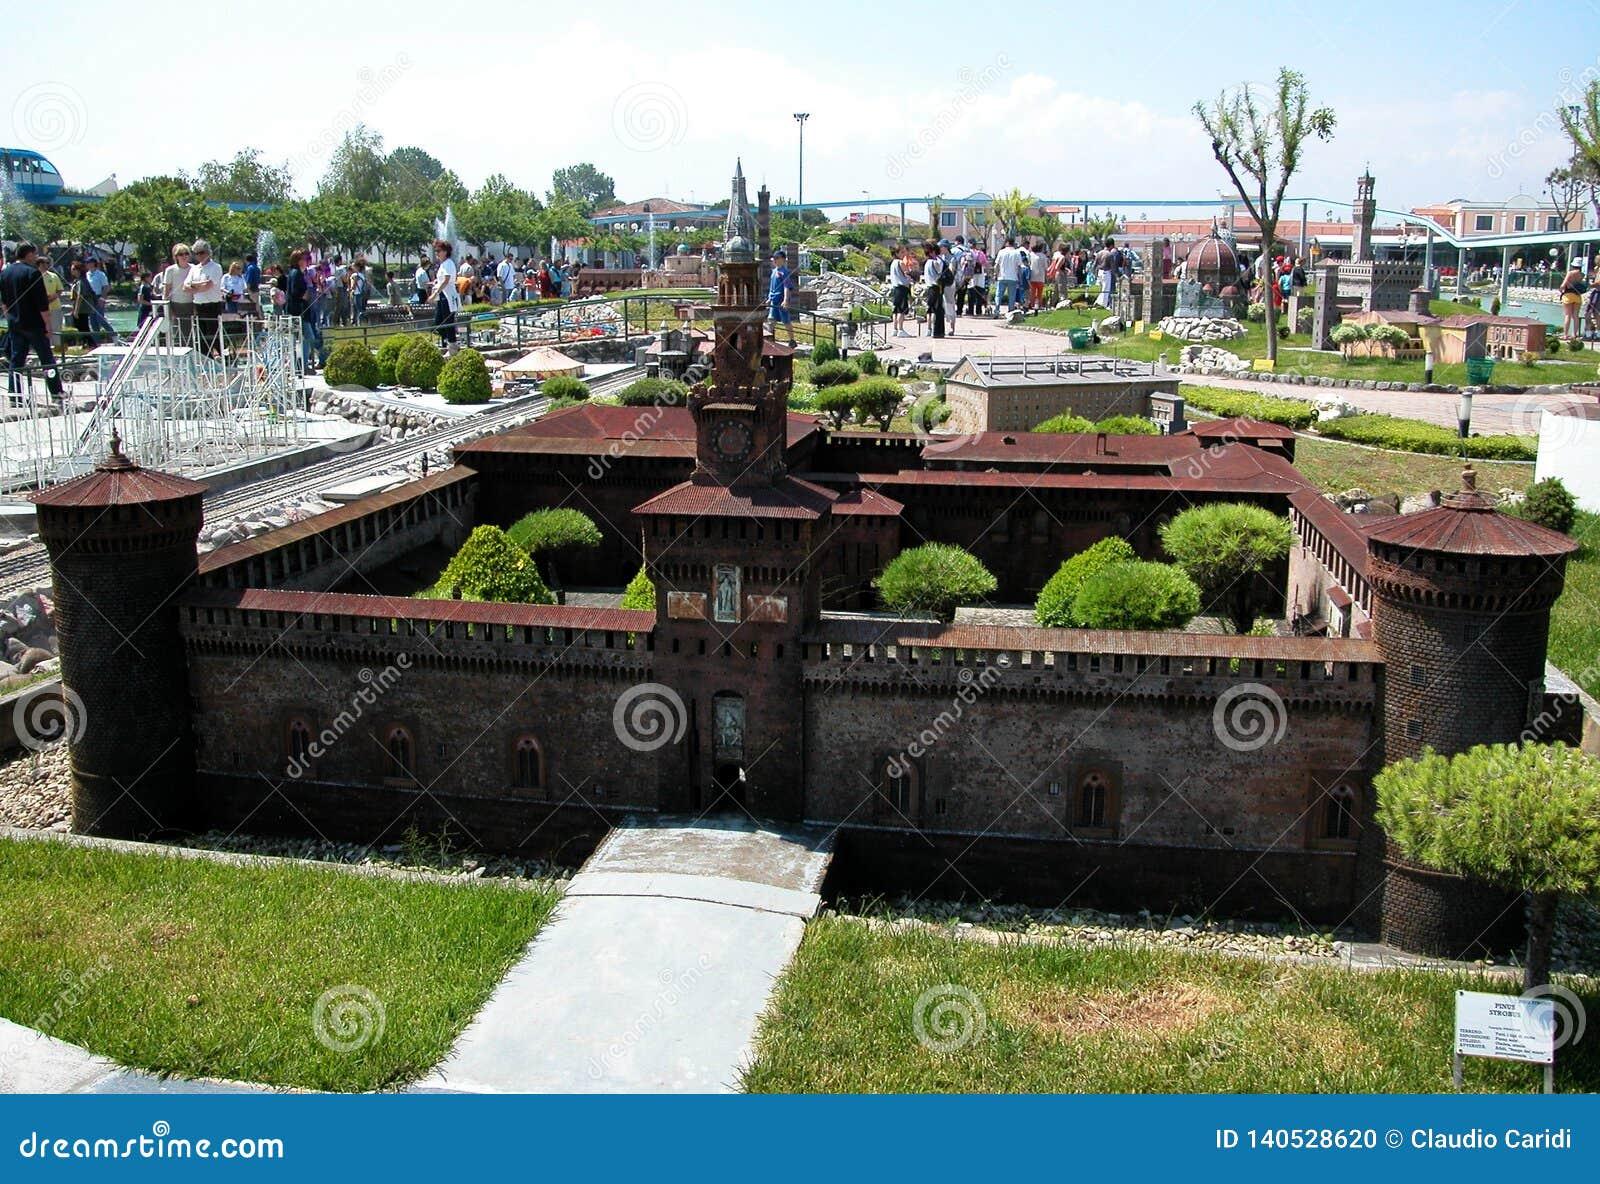 """Φρούριο του Μιλάνου στο θεματικό πάρκο """"Ιταλία στη μικροσκοπική """"Ιταλία στο miniatura Viserba, Rimini, Ιταλία"""